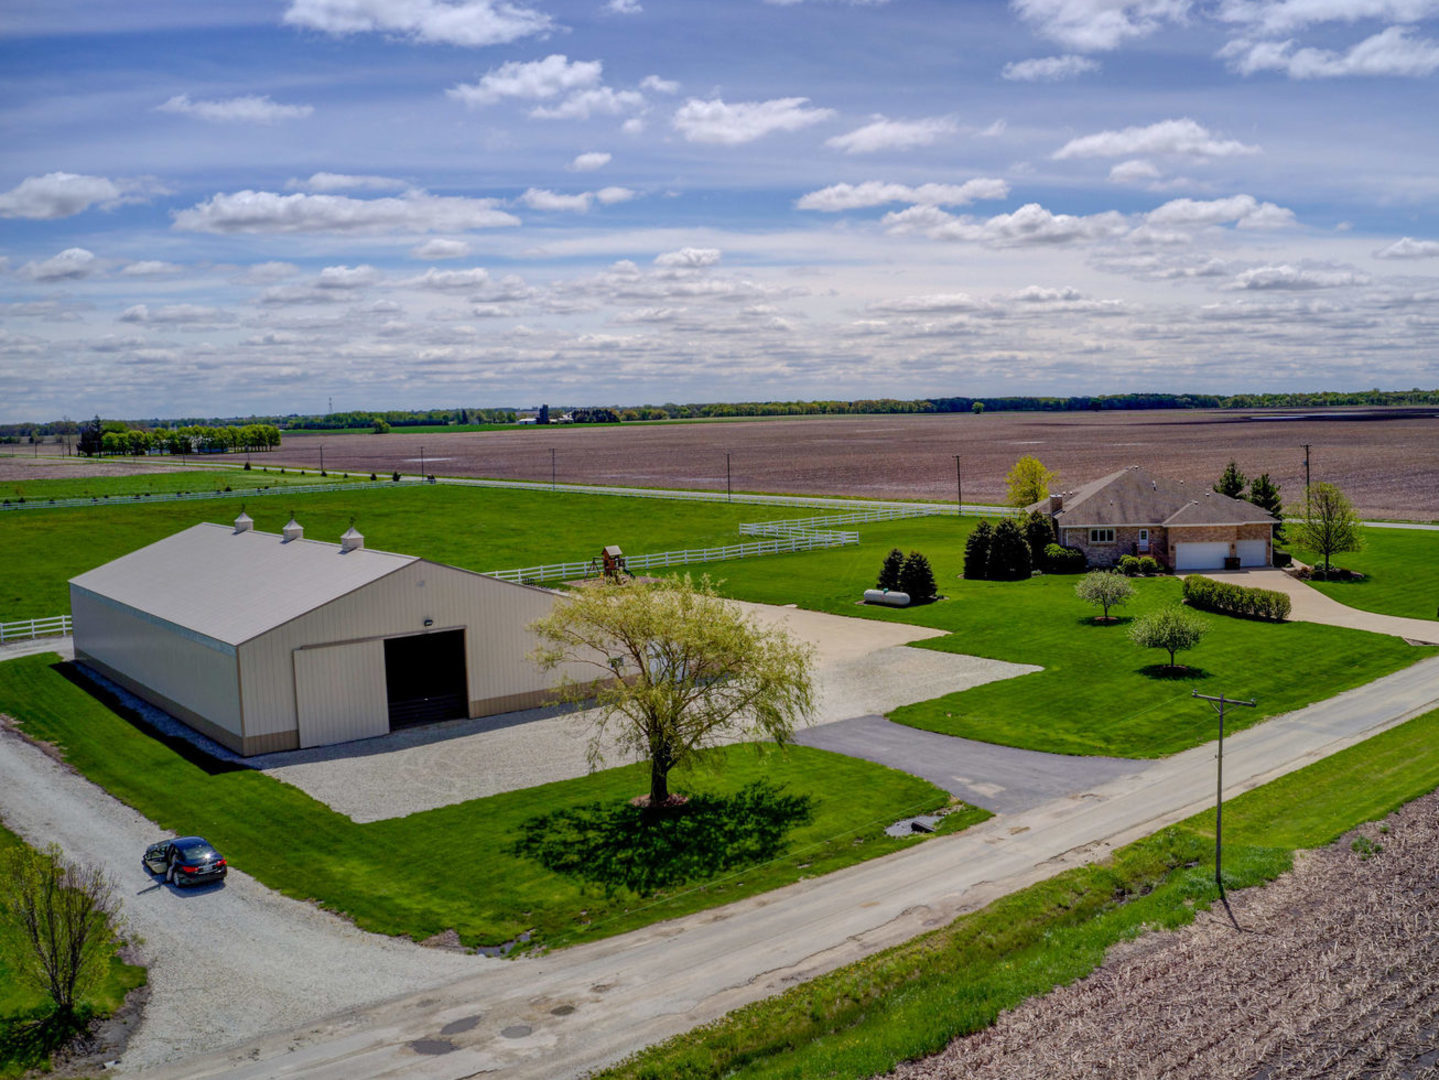 33439 South Symerton, WILMINGTON, Illinois, 60481